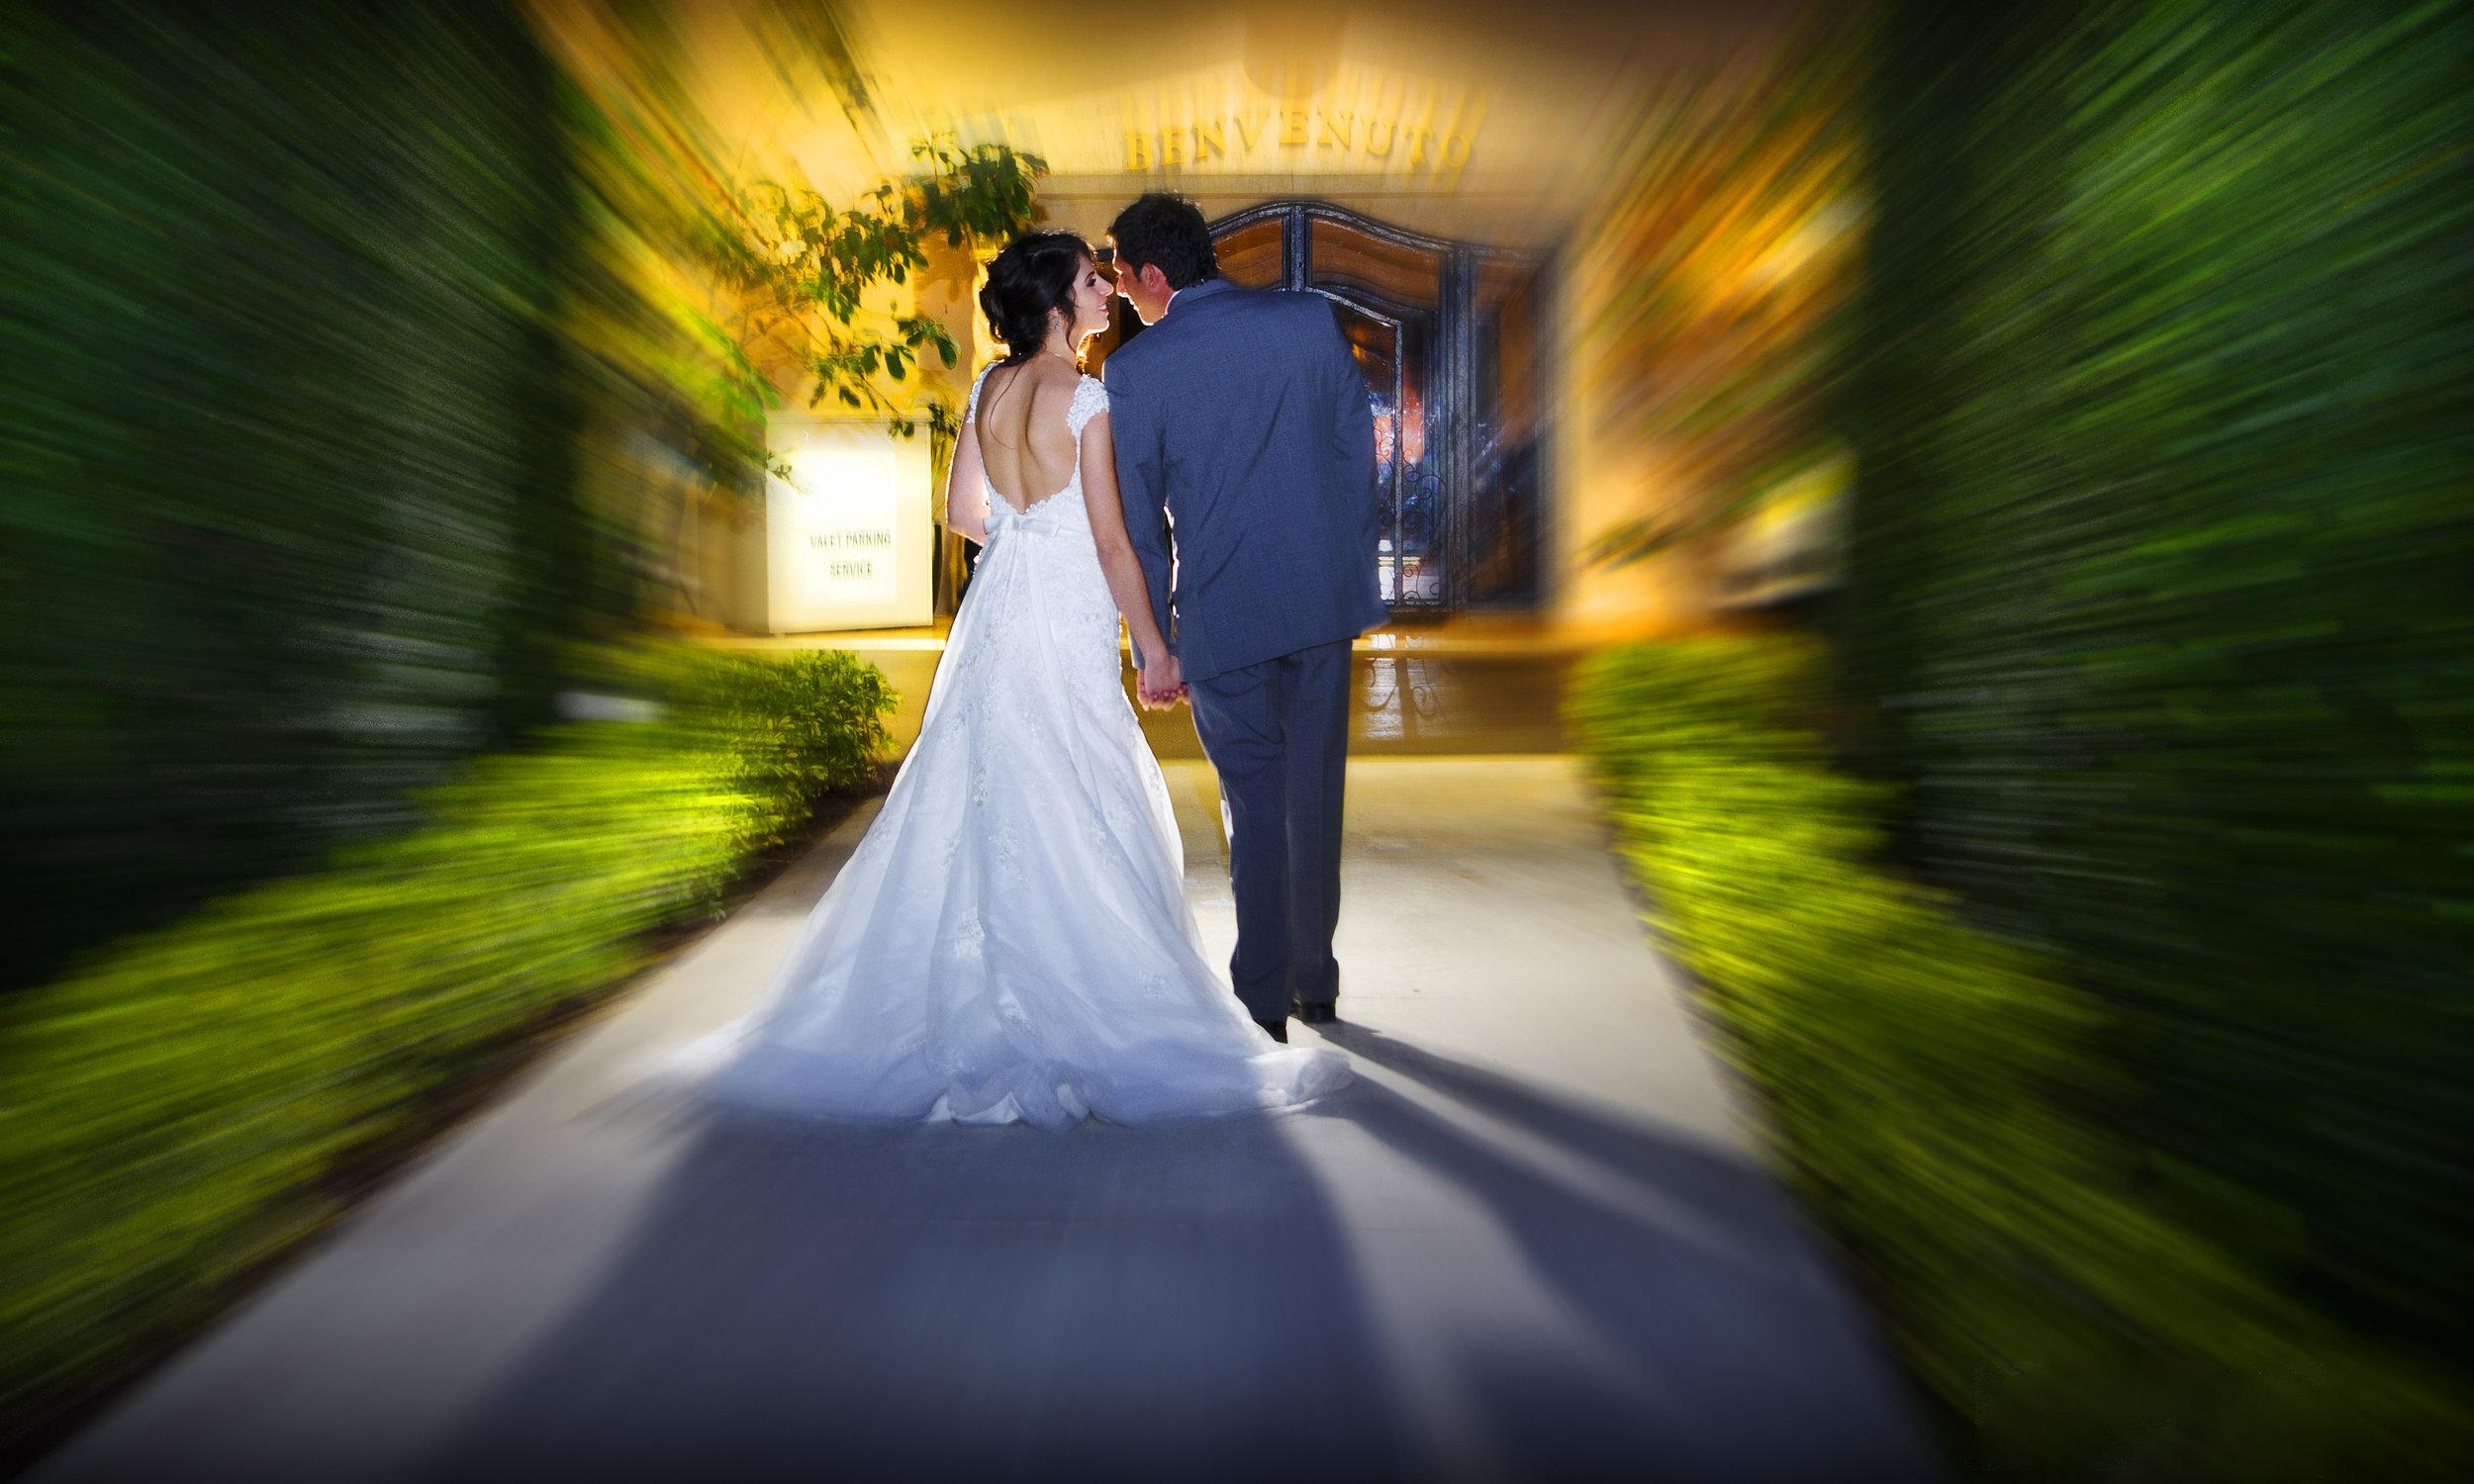 Benvenutos_Wedding.jpg